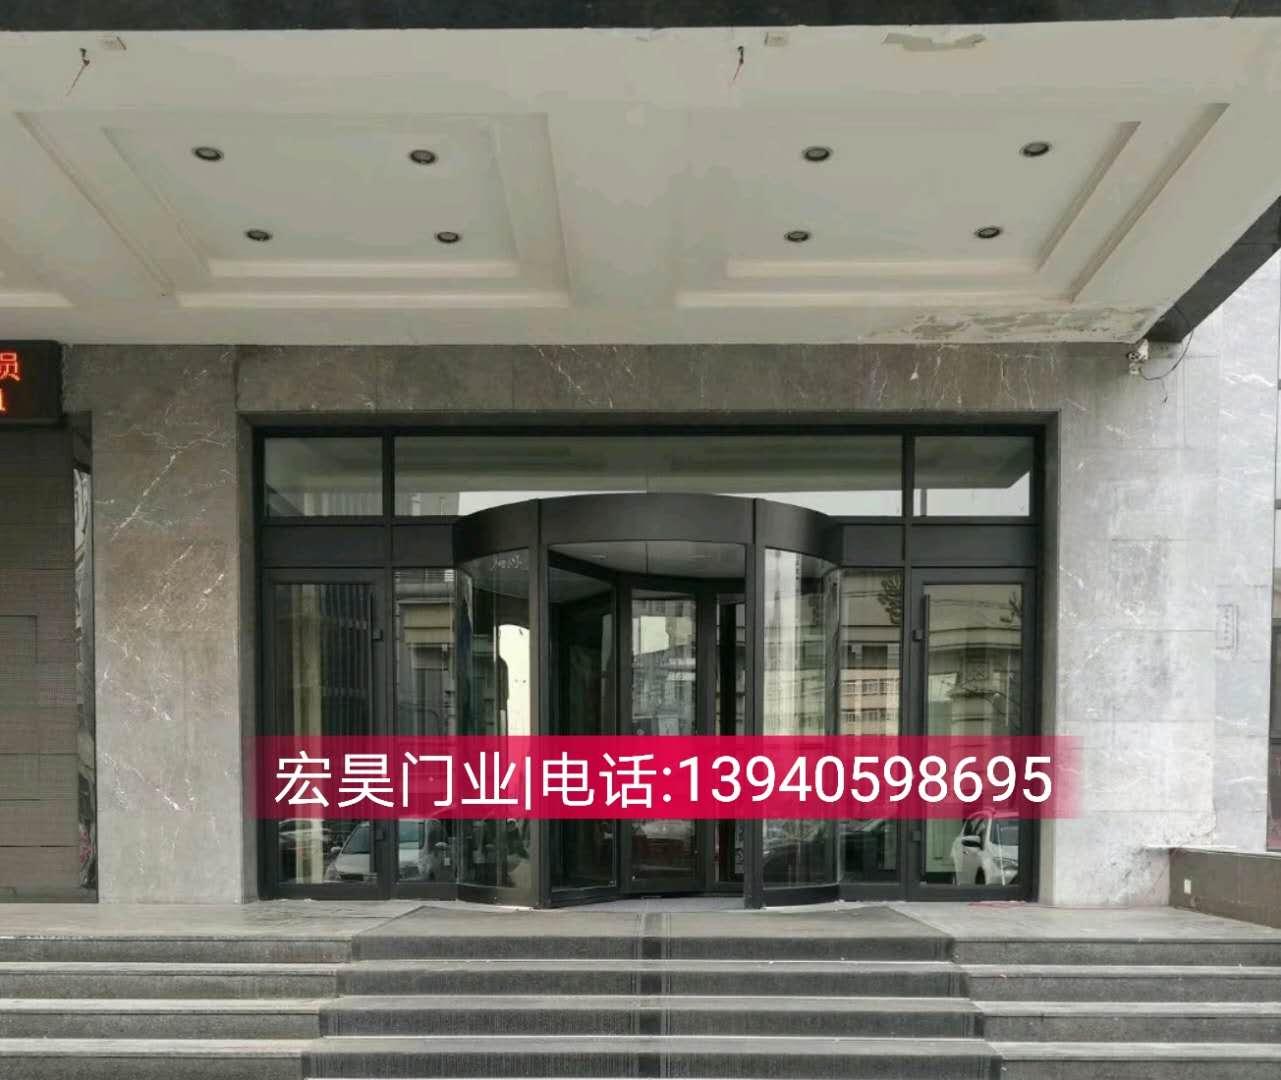 乐虎国际娱乐app下载吉祥凯悦旋转门工程